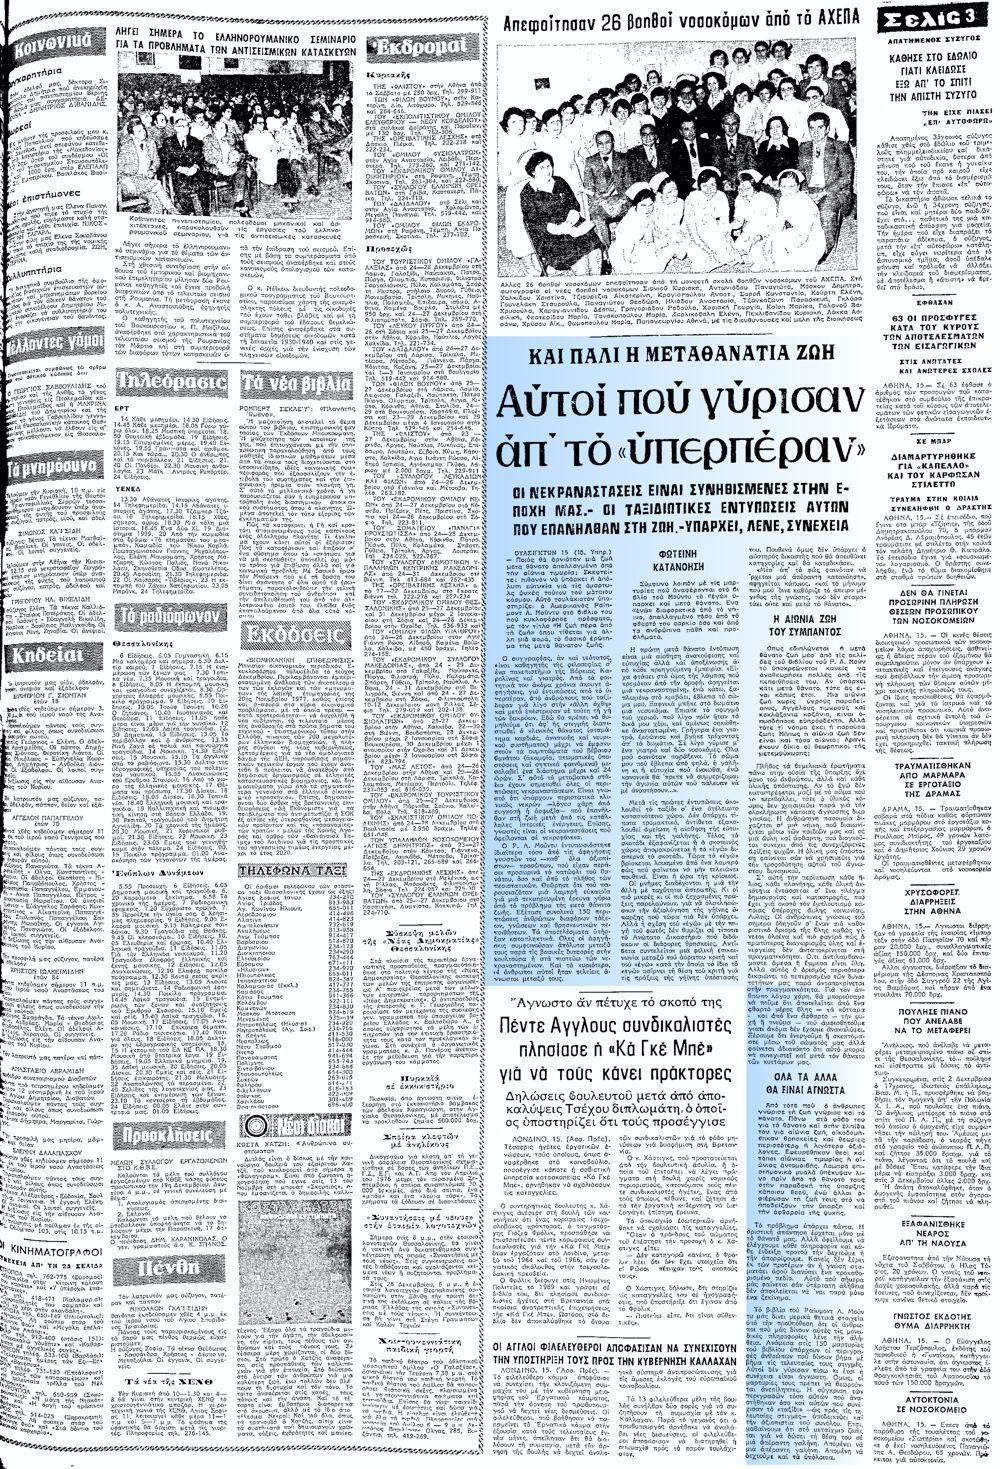 """Το άρθρο, όπως δημοσιεύθηκε στην εφημερίδα """"ΜΑΚΕΔΟΝΙΑ"""", στις 16/12/1977"""